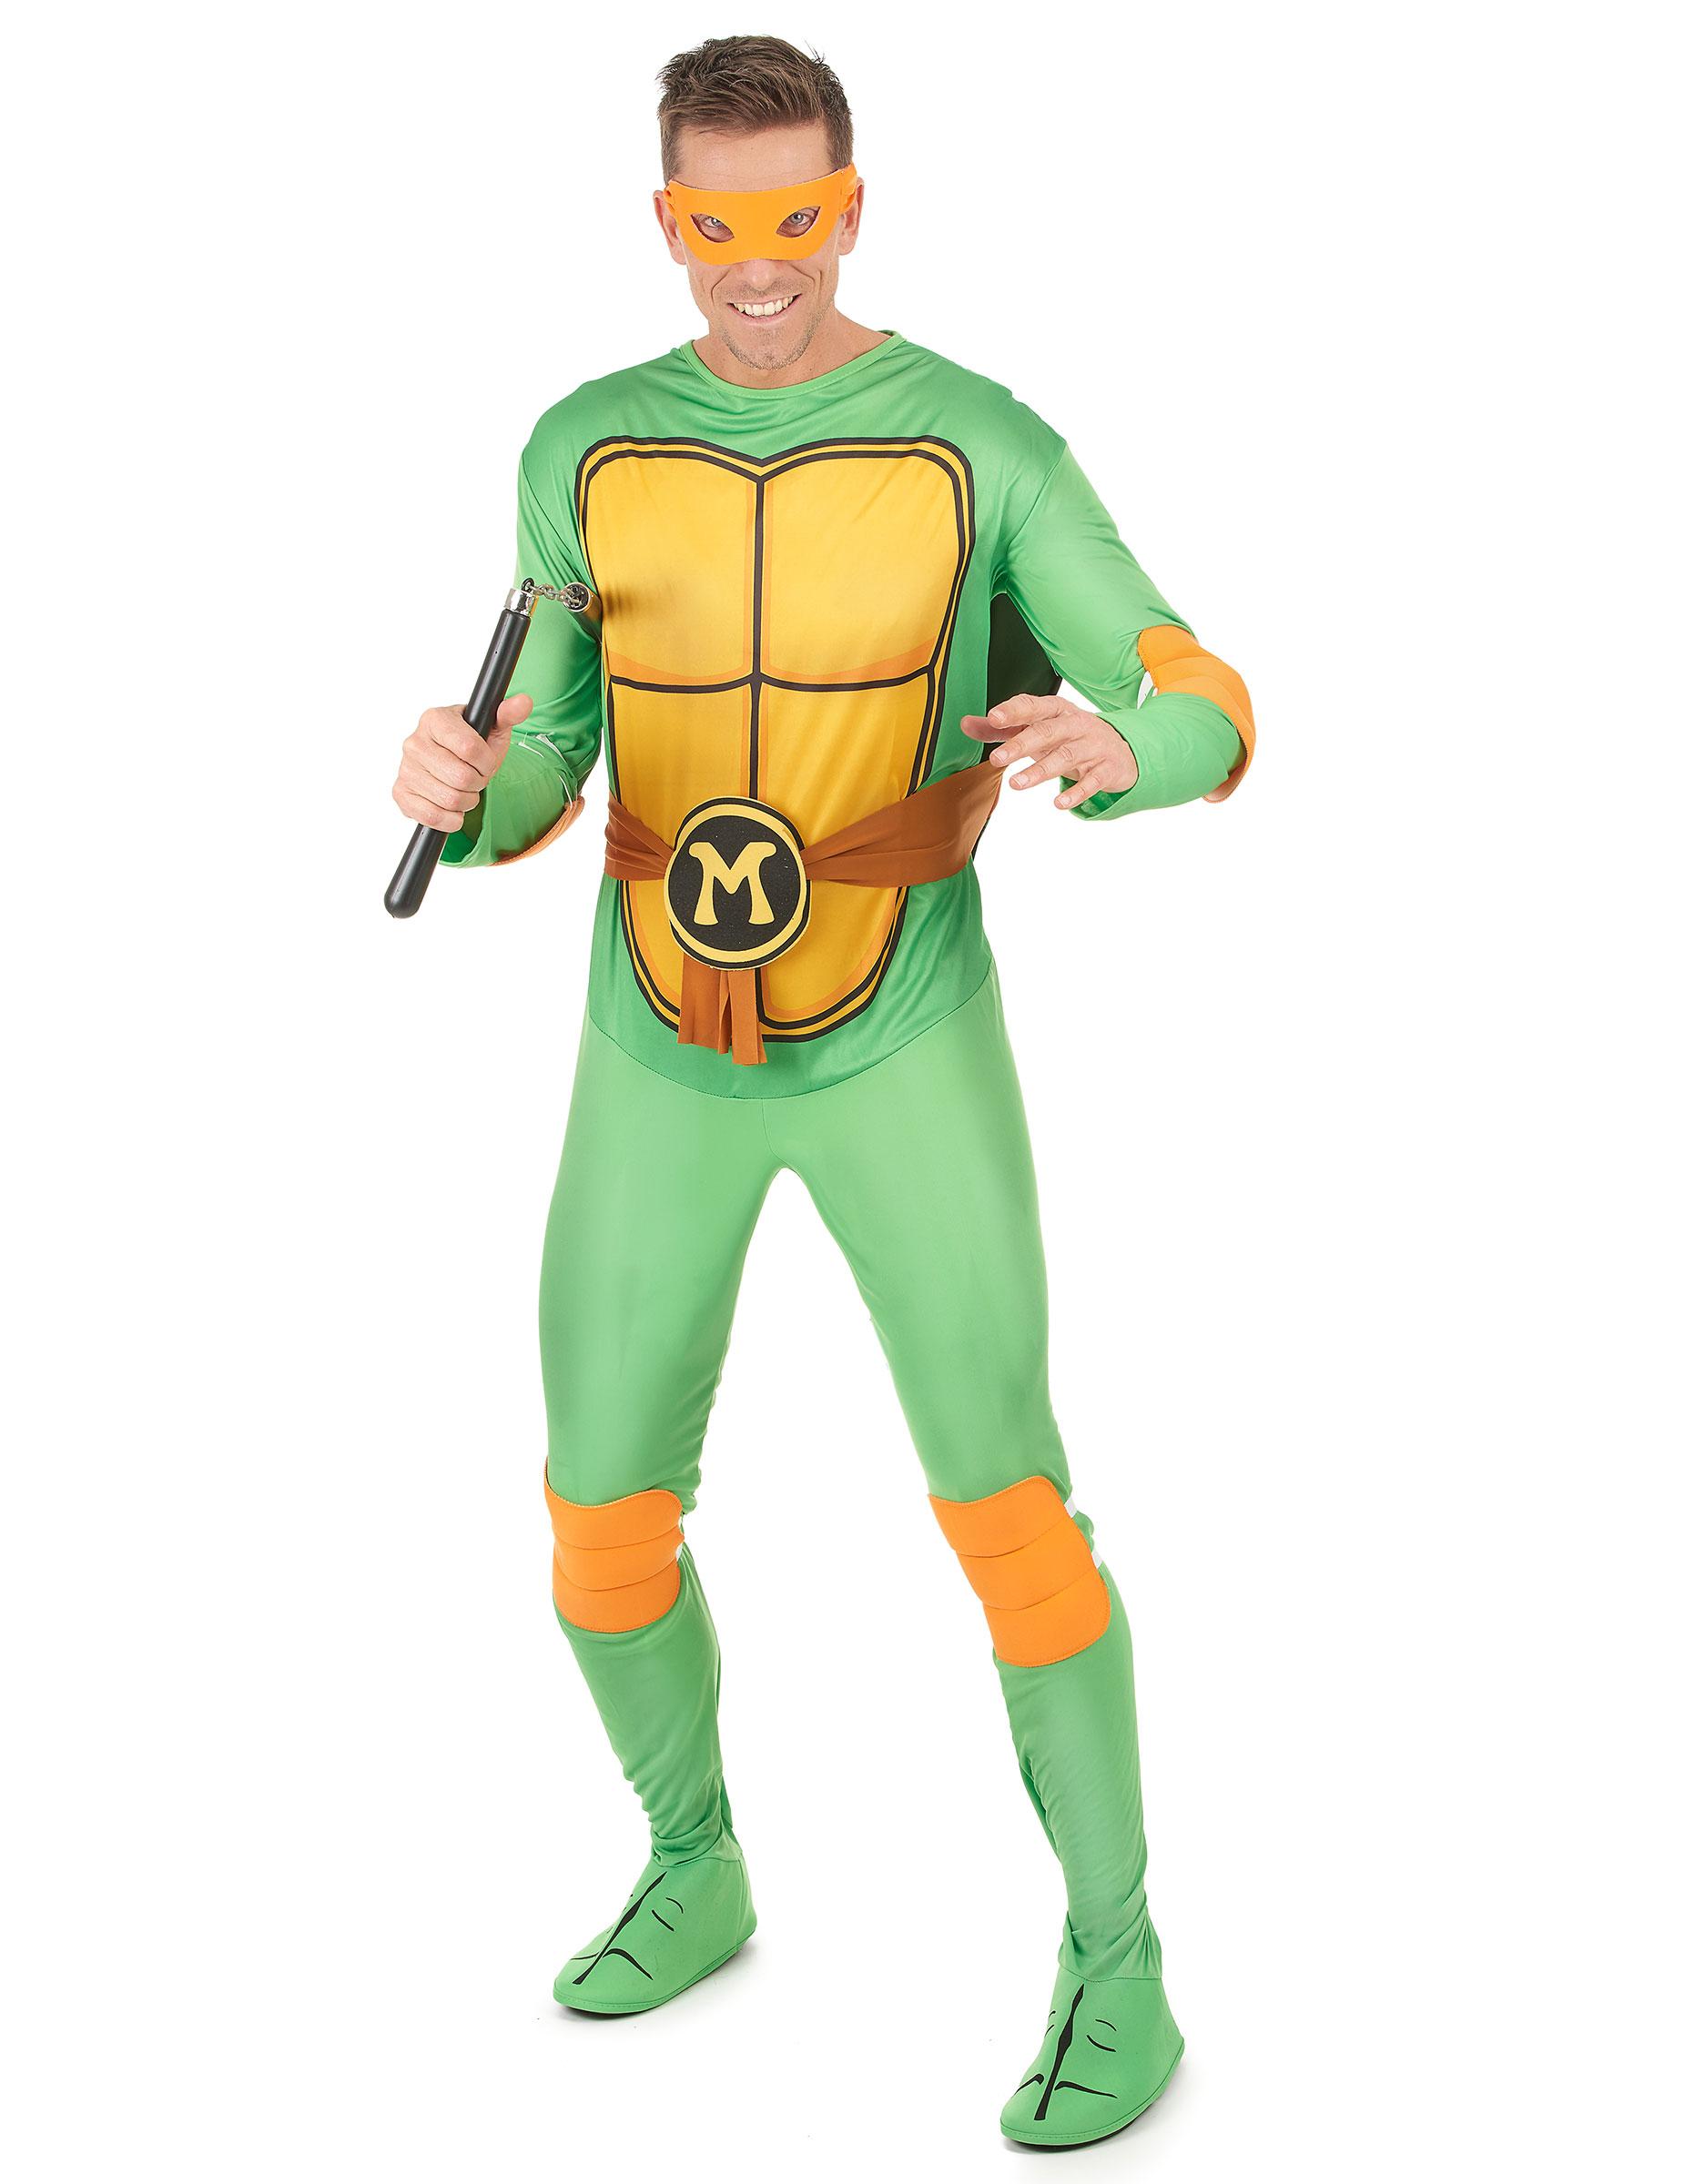 D guisement michelangelo tortues ninja adulte - Tortues ninja michelangelo ...